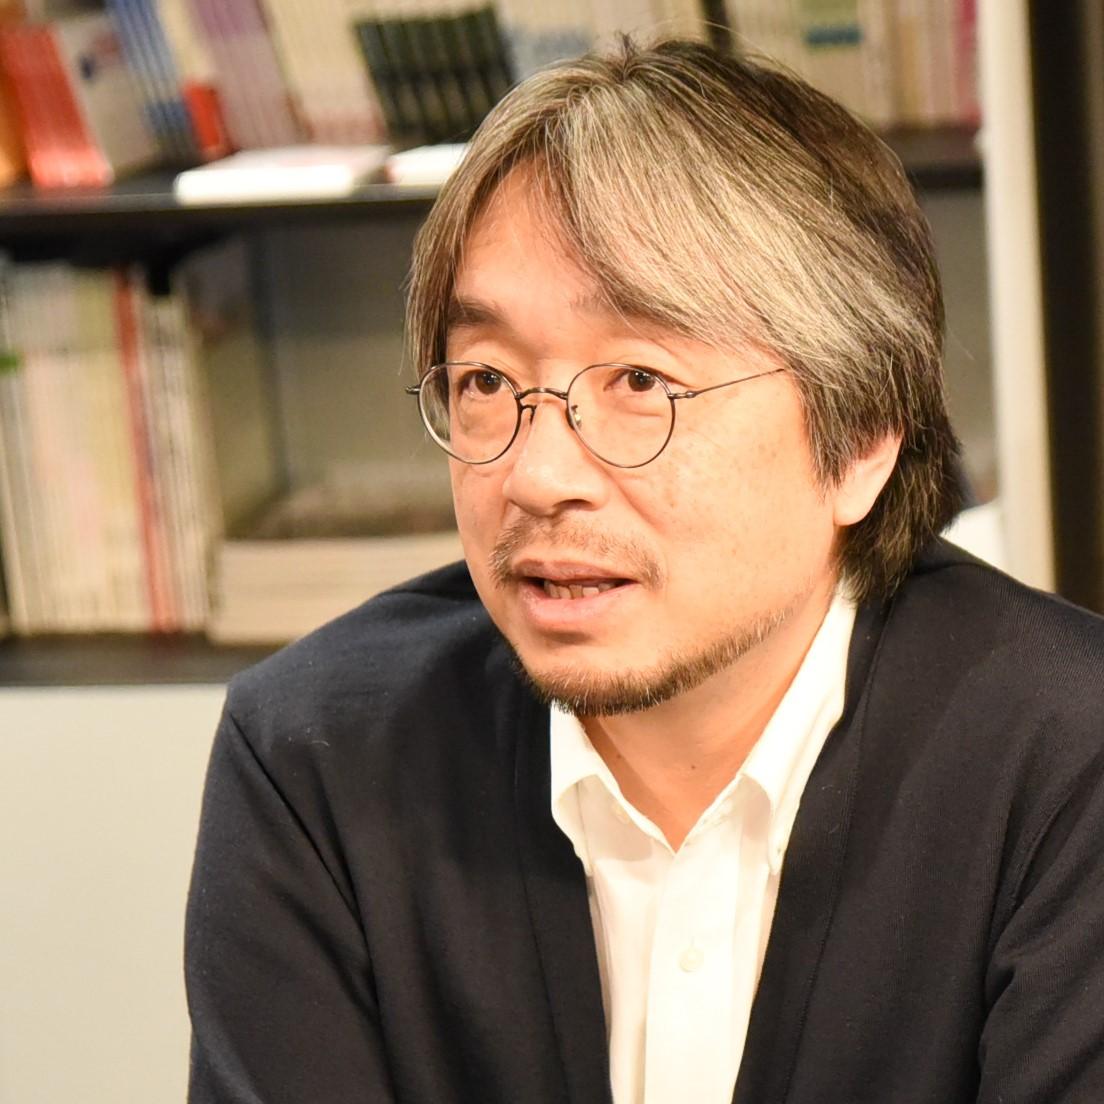 株式会社オレンジ・アンド・パートナーズ代表取締役社長 小山 薫堂氏